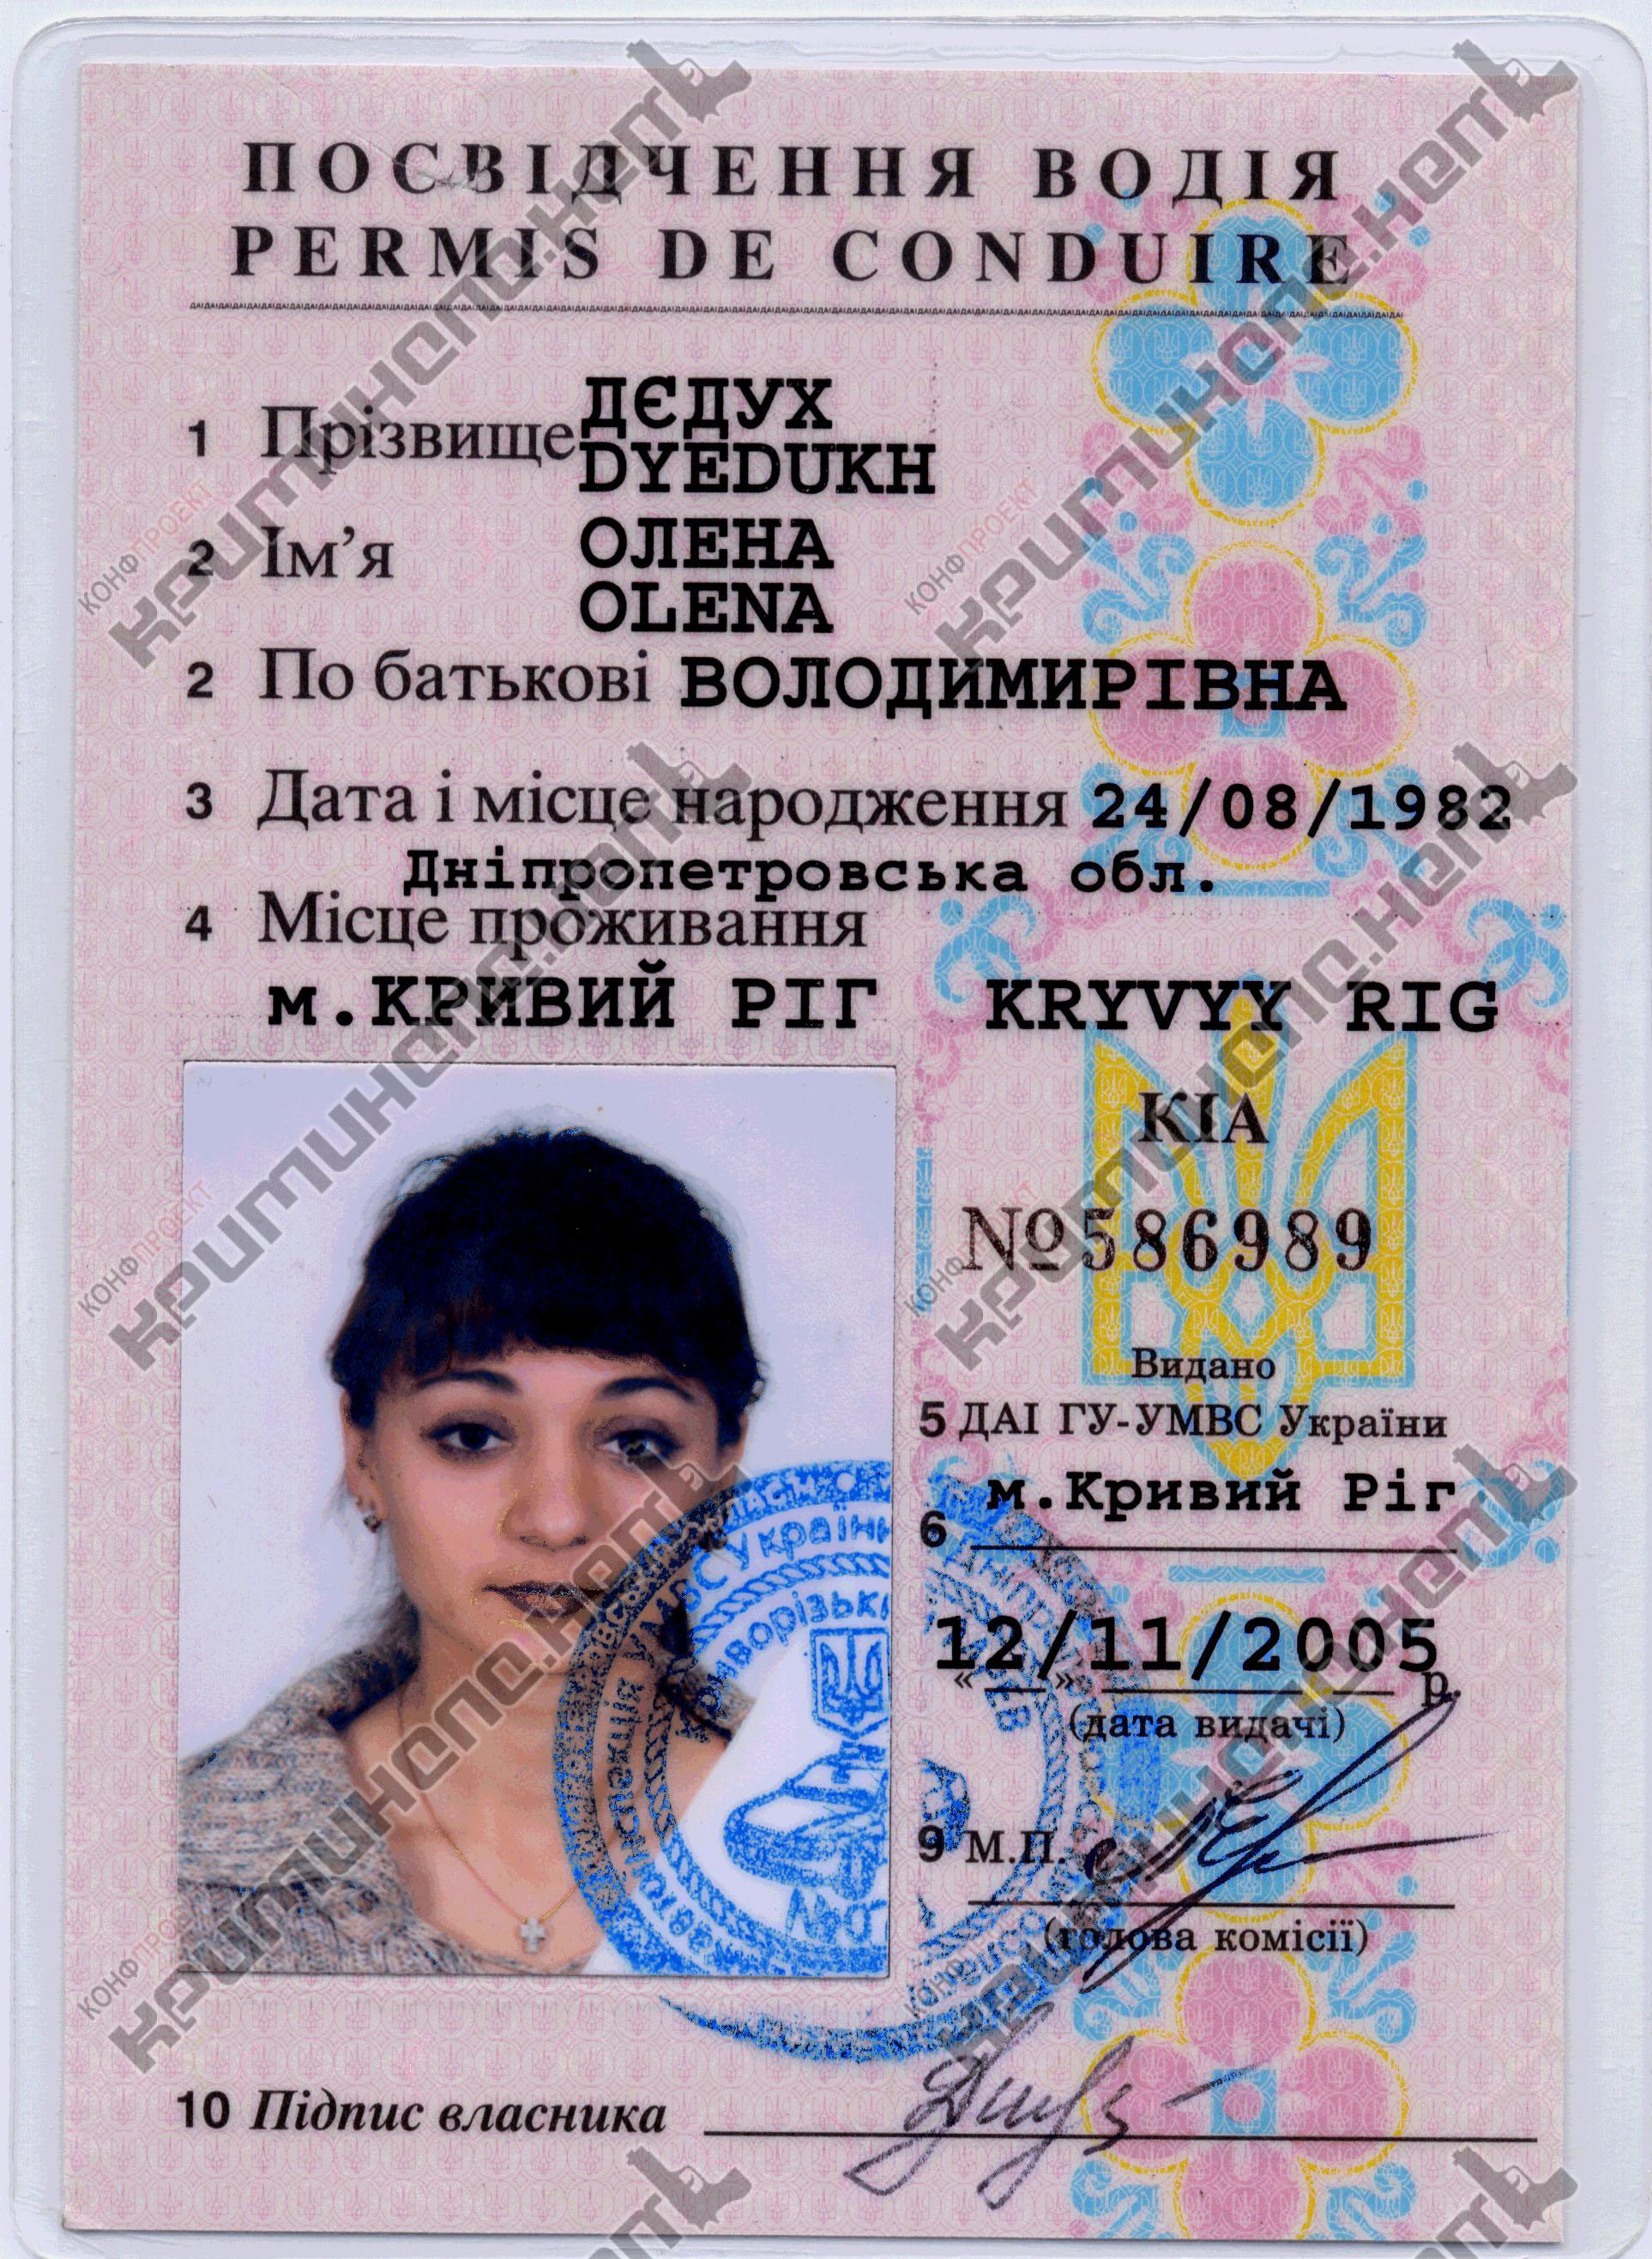 Замена иностранному гражданину российского водительского удостоверения